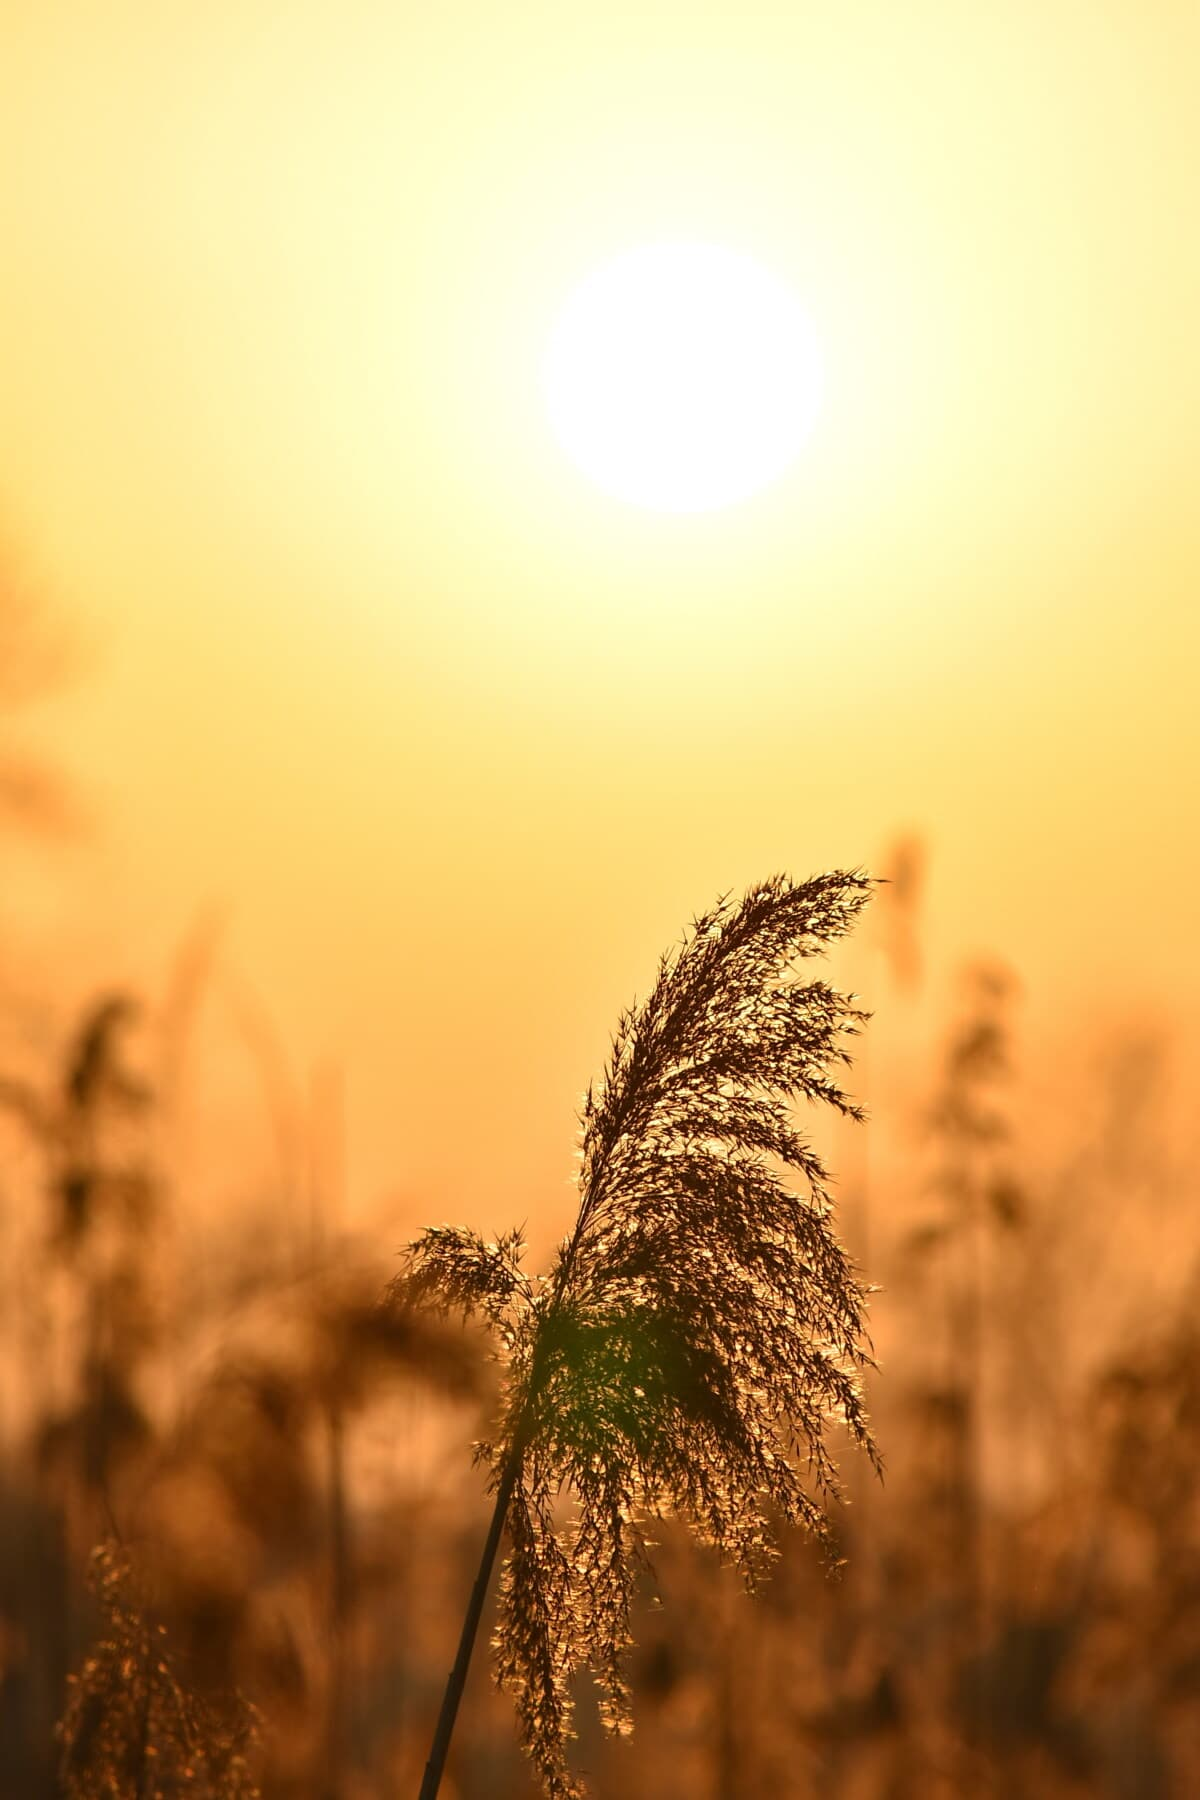 黄棕色, 剪影, 阳光, 草地, 田园, 雄伟, 日落, 亮度, 景观, 太阳